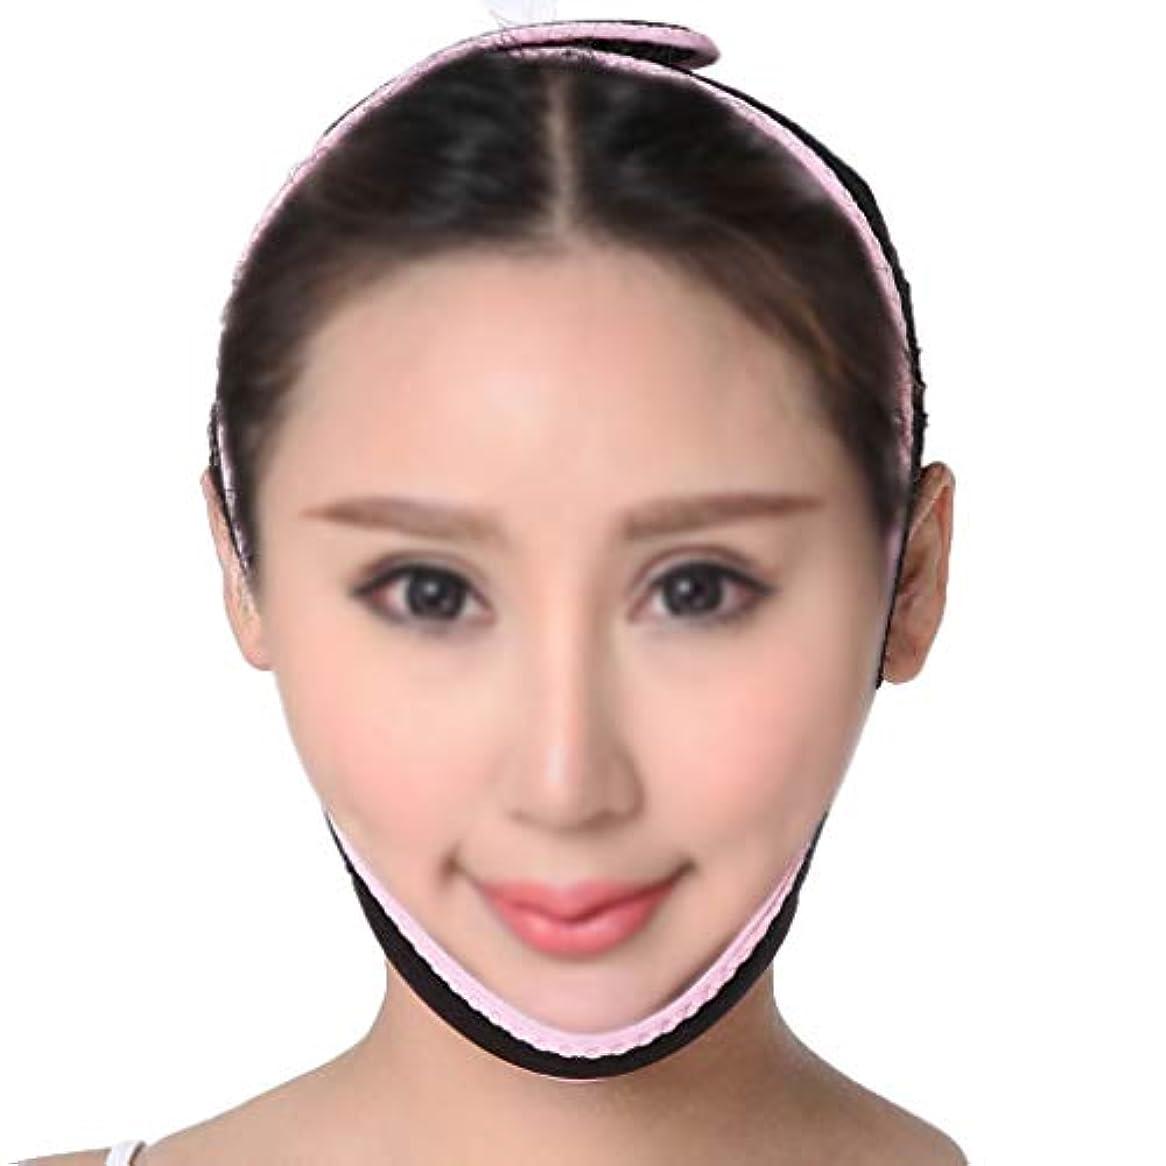 文芸チチカカ湖コンクリートGLJJQMY 引き締めマスク薄い顔面マスクフェイスリフティング器具V顔薄い顔面包帯薄い顔マッサージ器薄い顔面マスクフェイスリフティング装置 顔用整形マスク